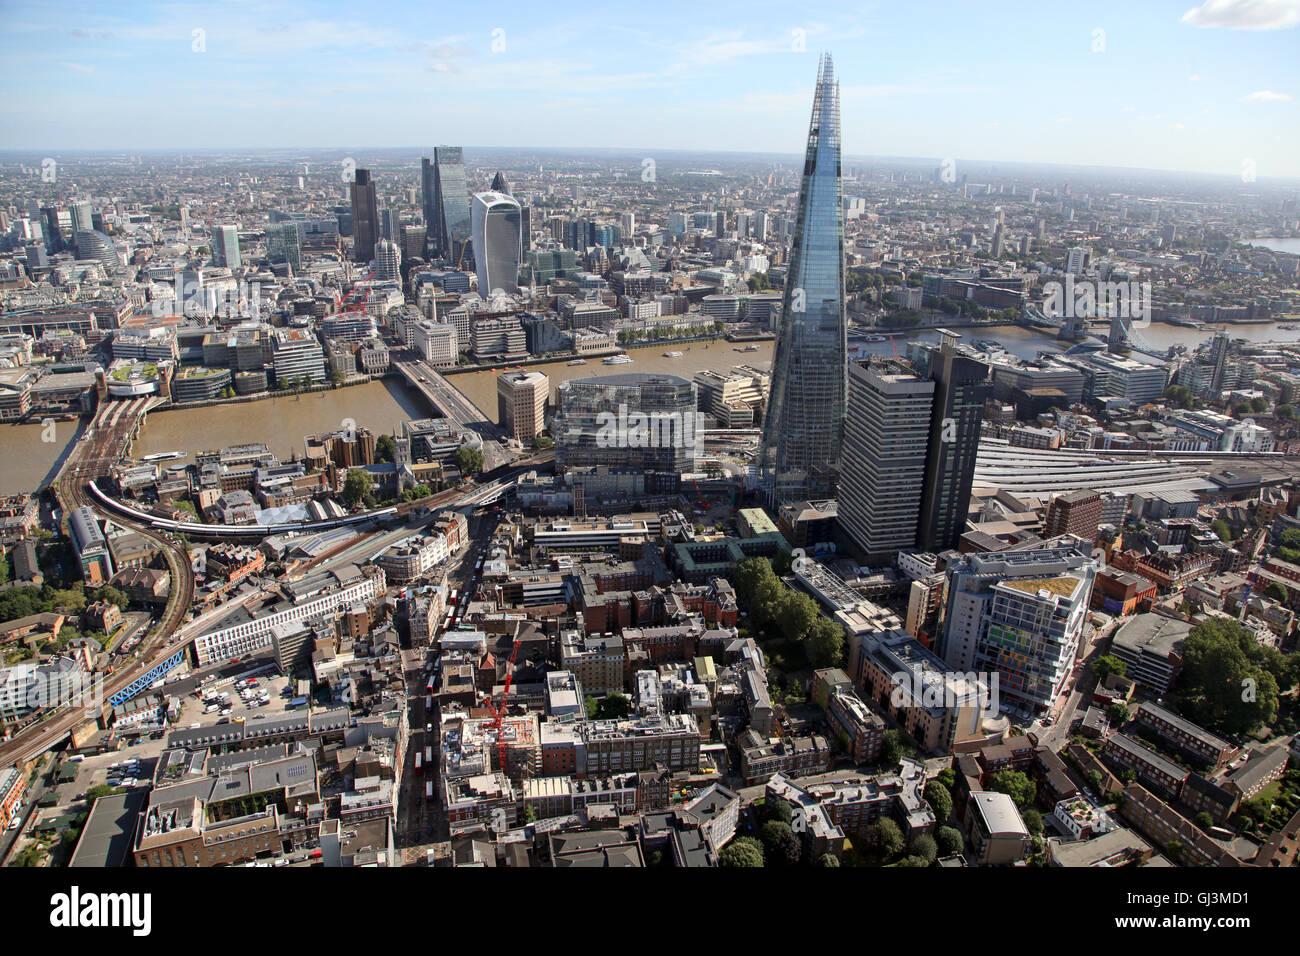 Vue aérienne de l'hôpital, les gars d'échardes, Tamise et la ville, Londres Banque D'Images